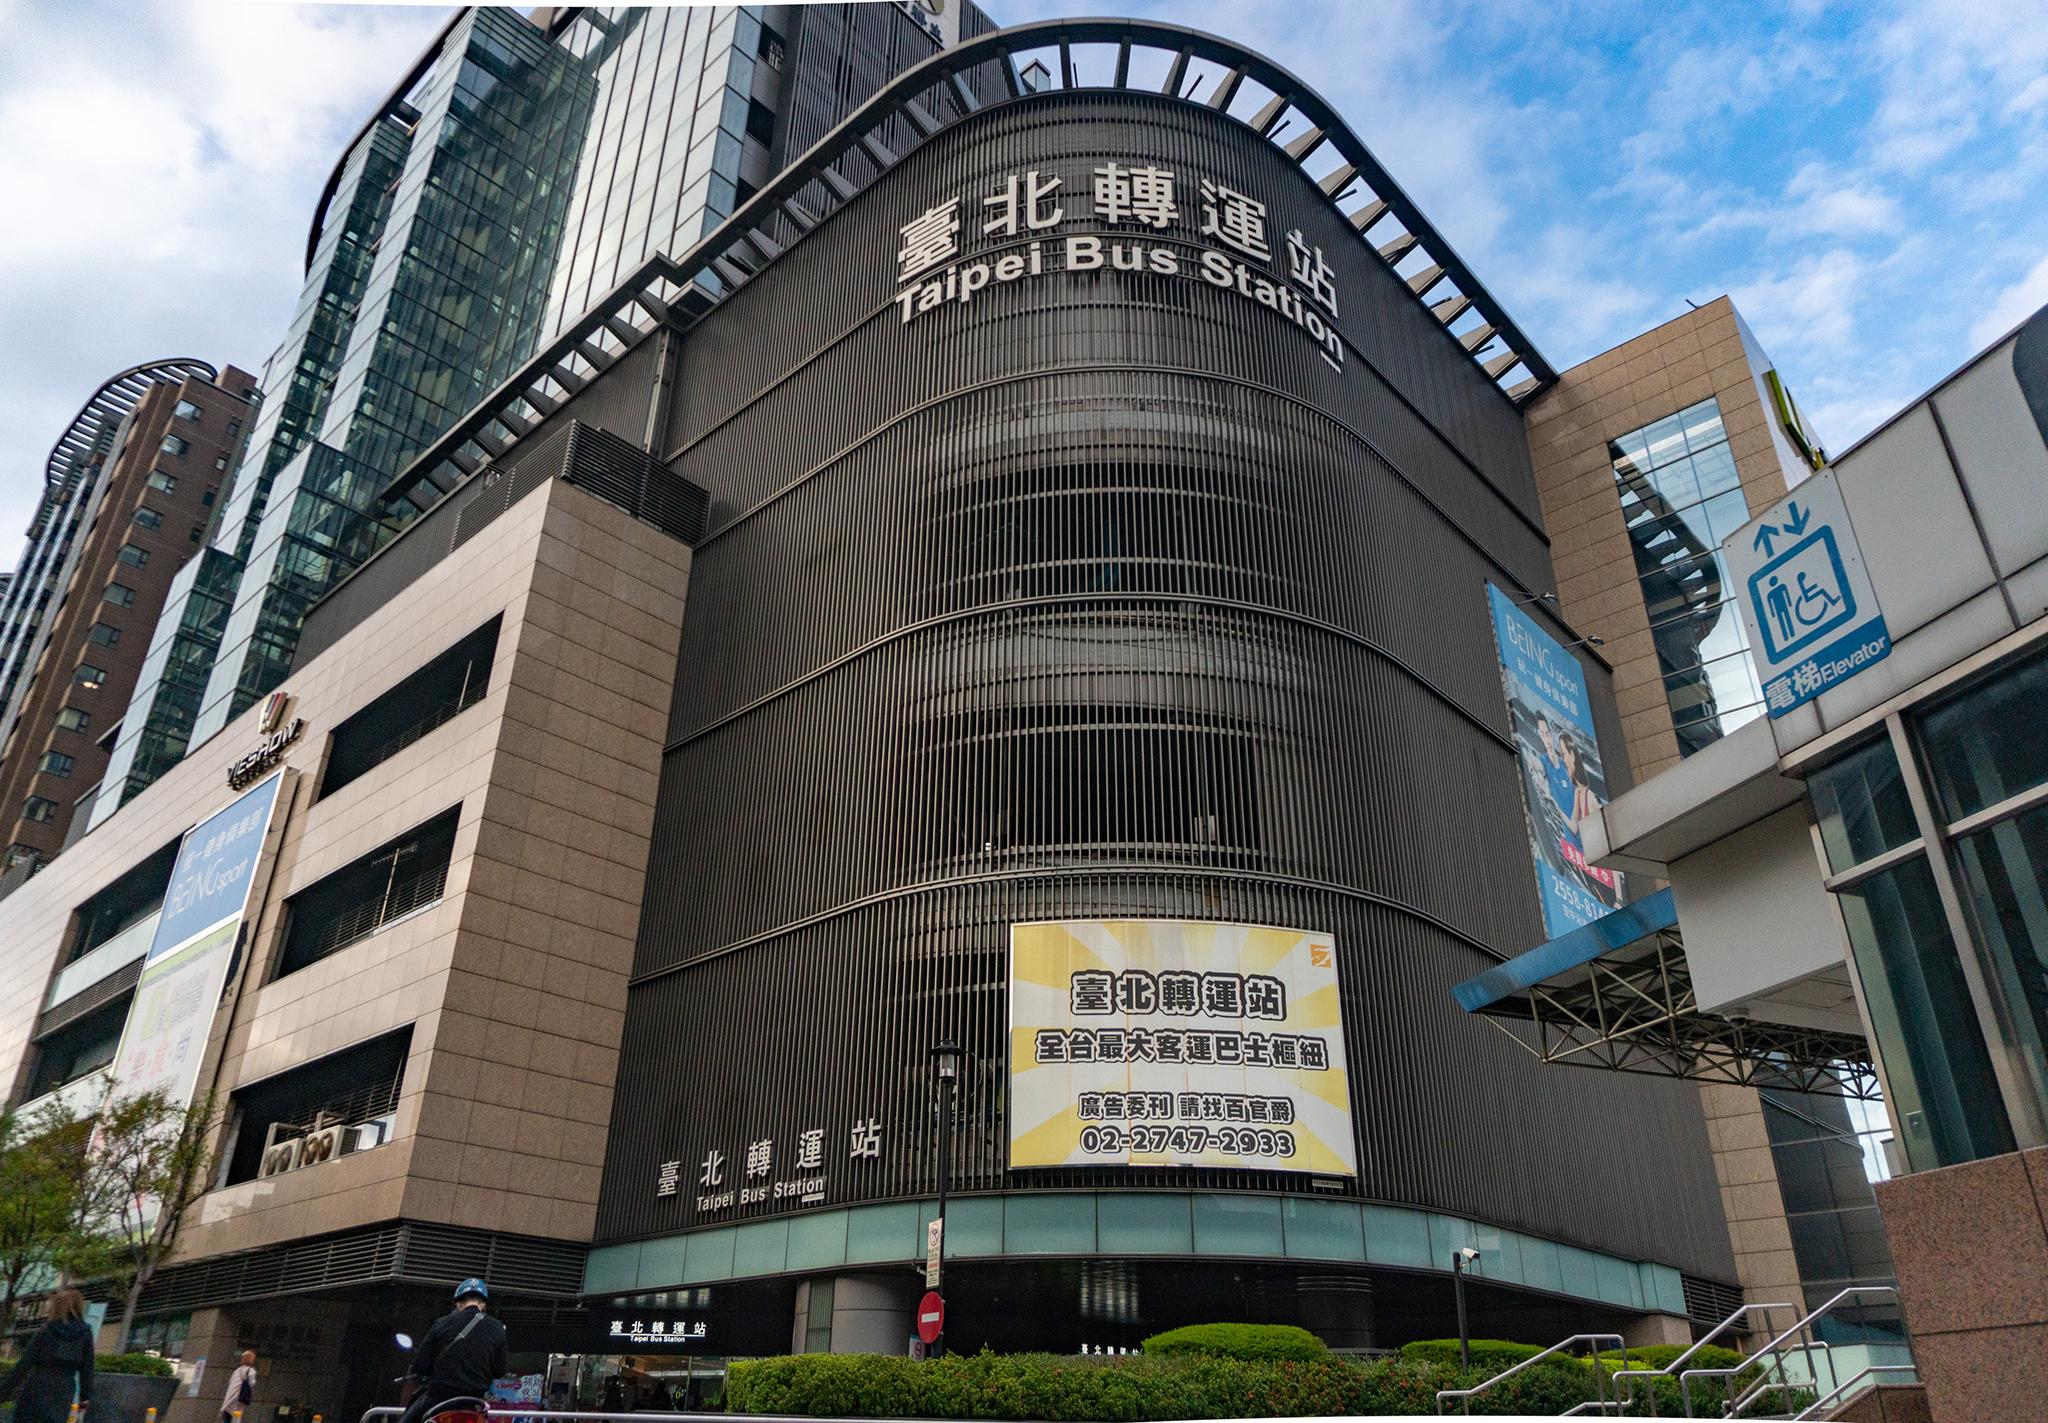 【2021 台北車站交通攻略】從台北車站到台北轉運站搭客運的走法,拖行李也沒問題!